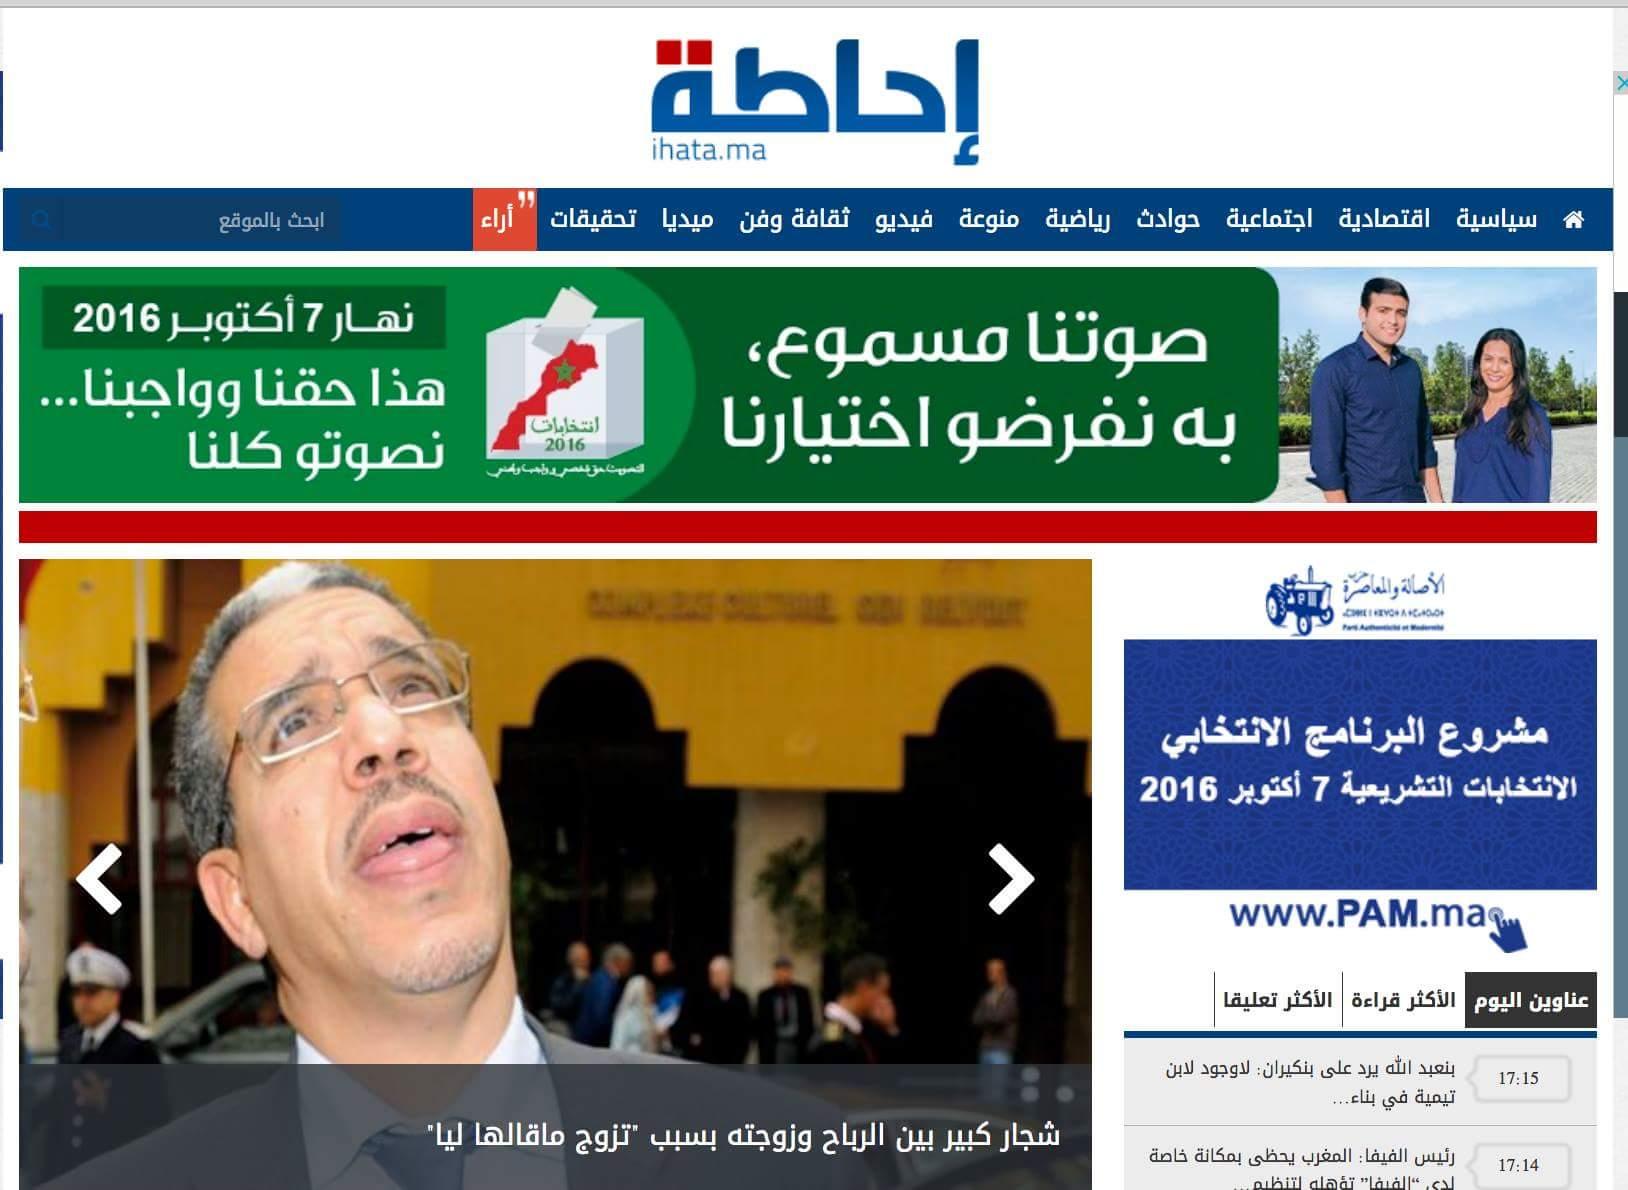 موقع إحاطة يصدر بلاغا بخصوص تعرض صفحته على فيسبوك لحملة تبليغات ممنهجة لإغلاقها